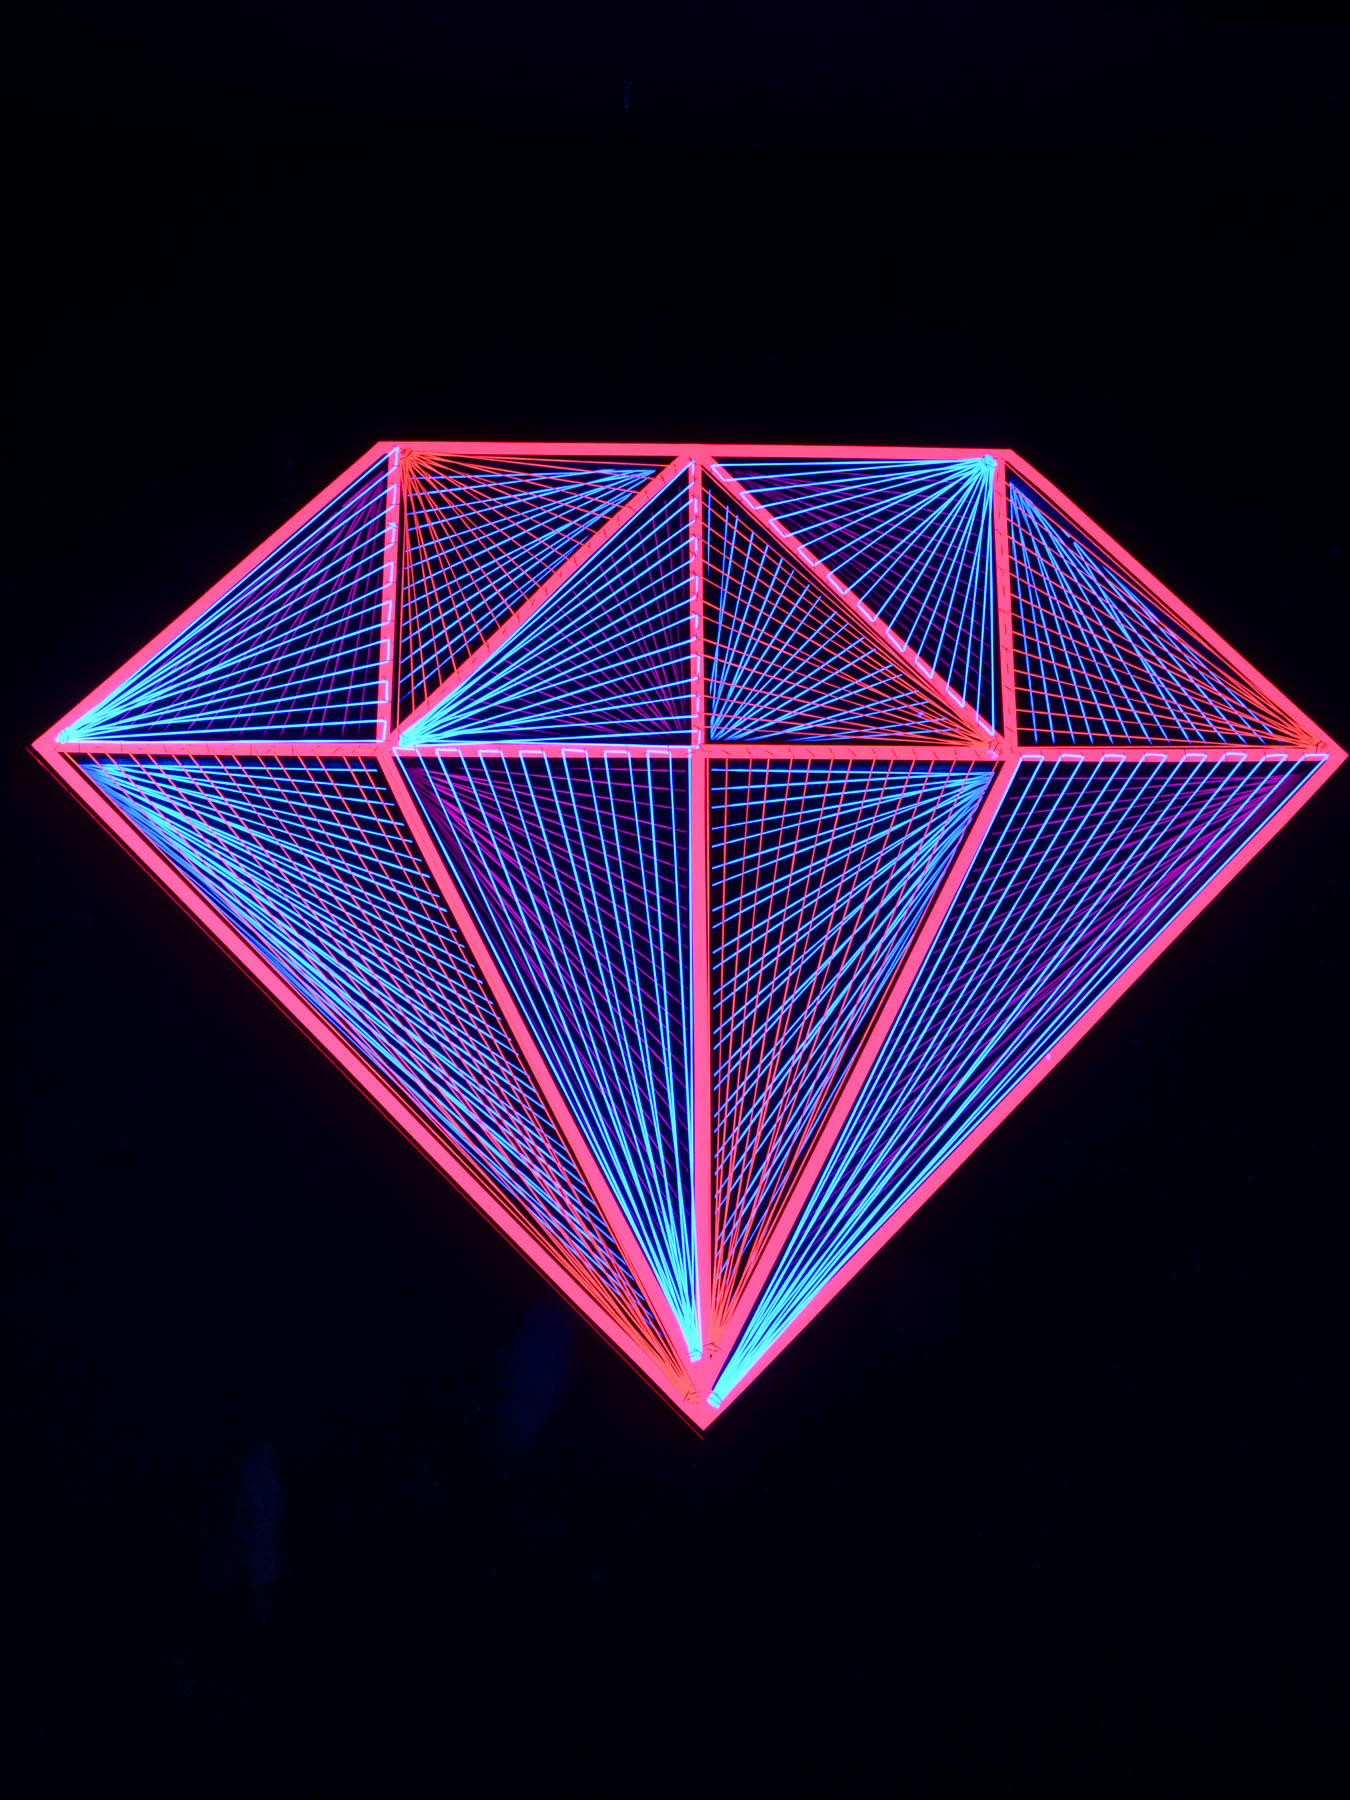 Psywork Stringart Gallery | schwarzlicht.de Blog